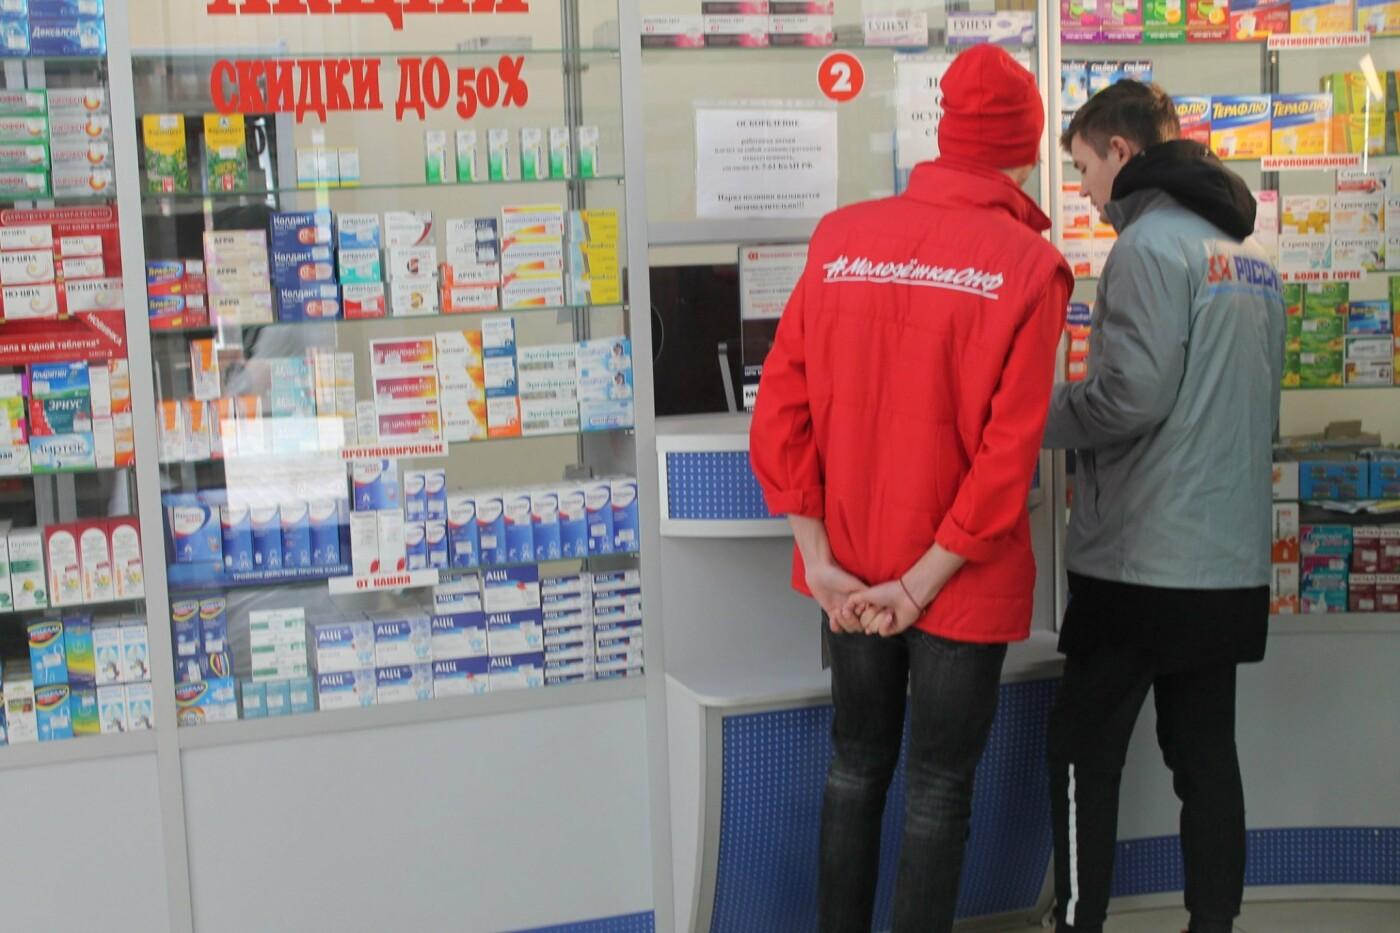 В Крыму волонтеры помогают пожилым и маломобильным гражданам на период эпидемии коронавируса, фото-2